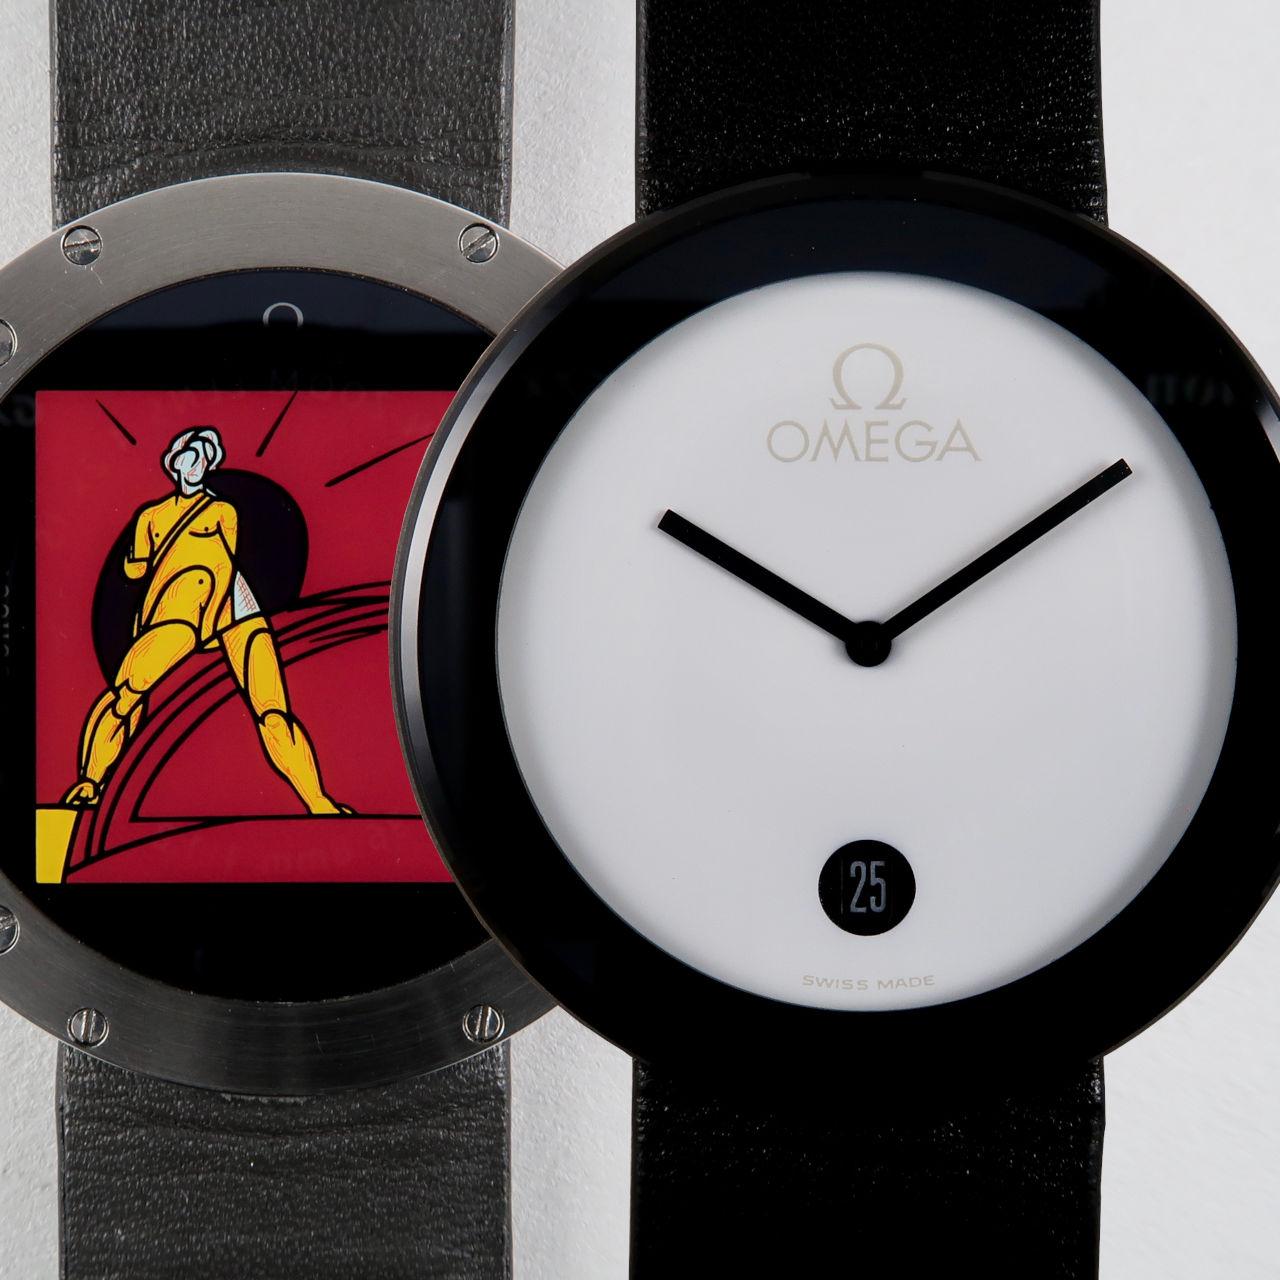 Omega Ref. 196.0440 Art Watch Valerio Adami 046/999 circa 1987